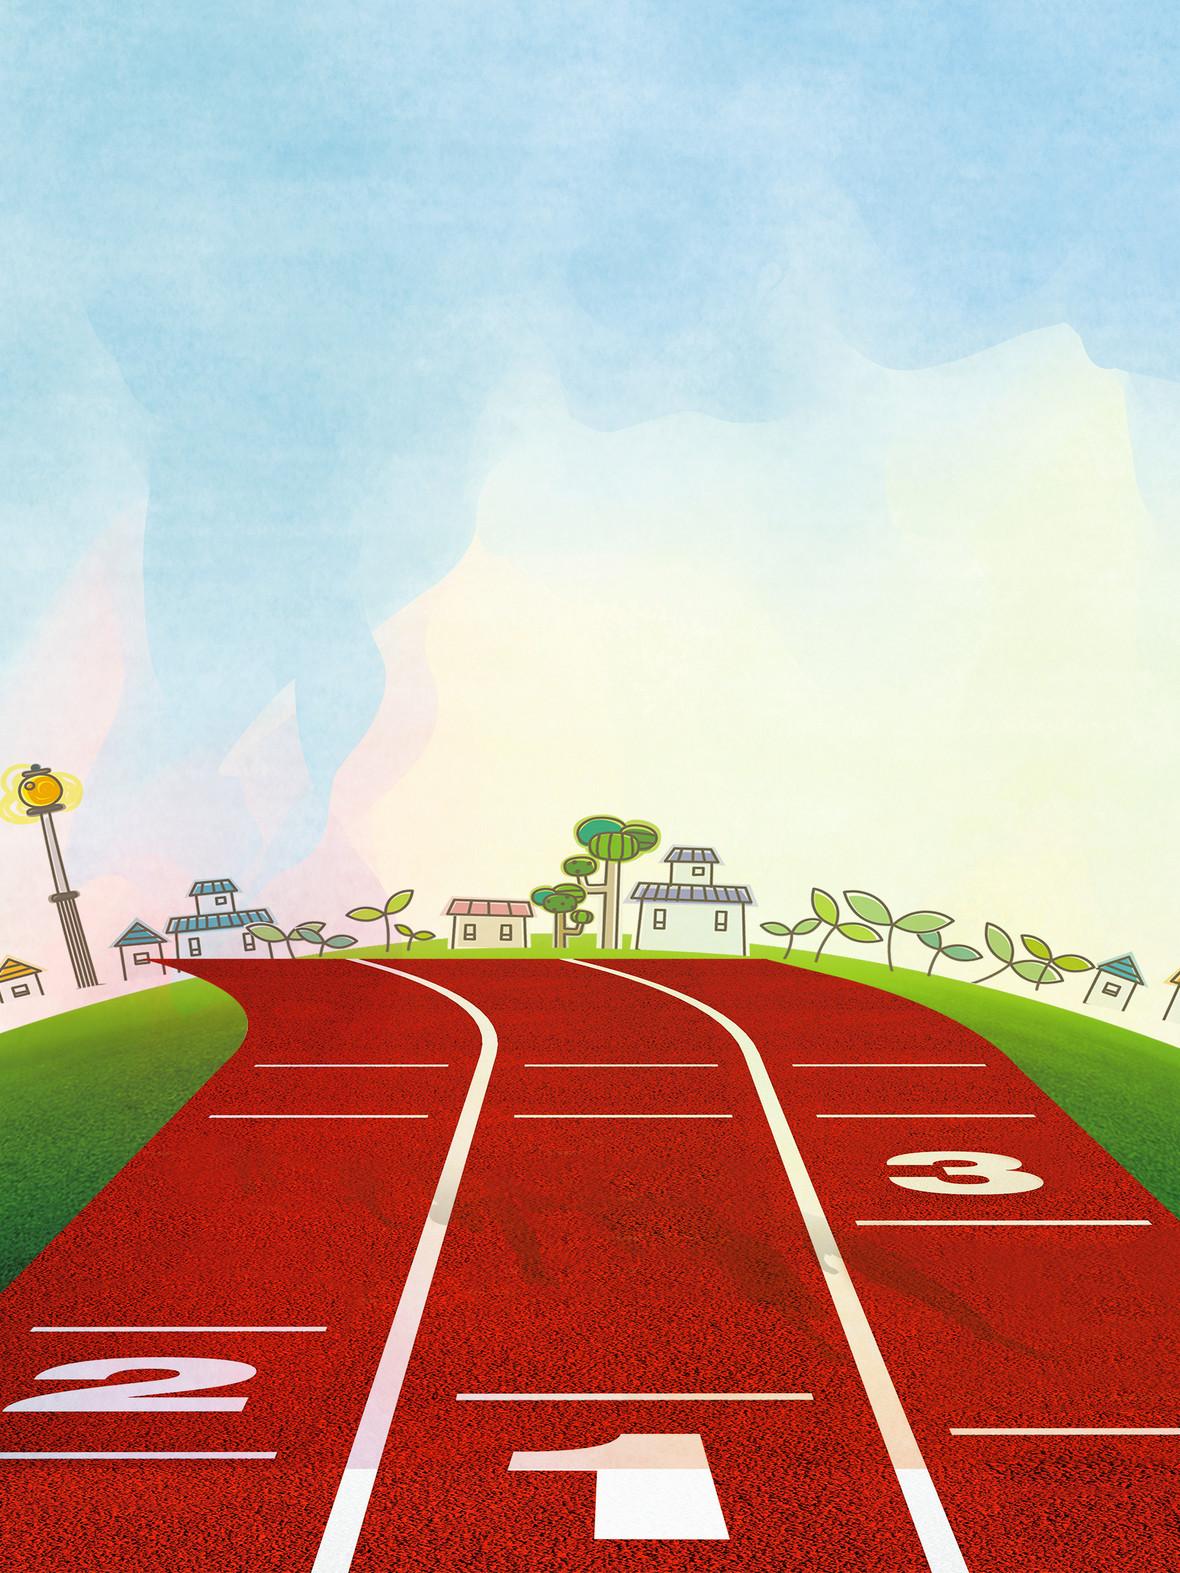 蓝天跑道手绘草地风景背景素材